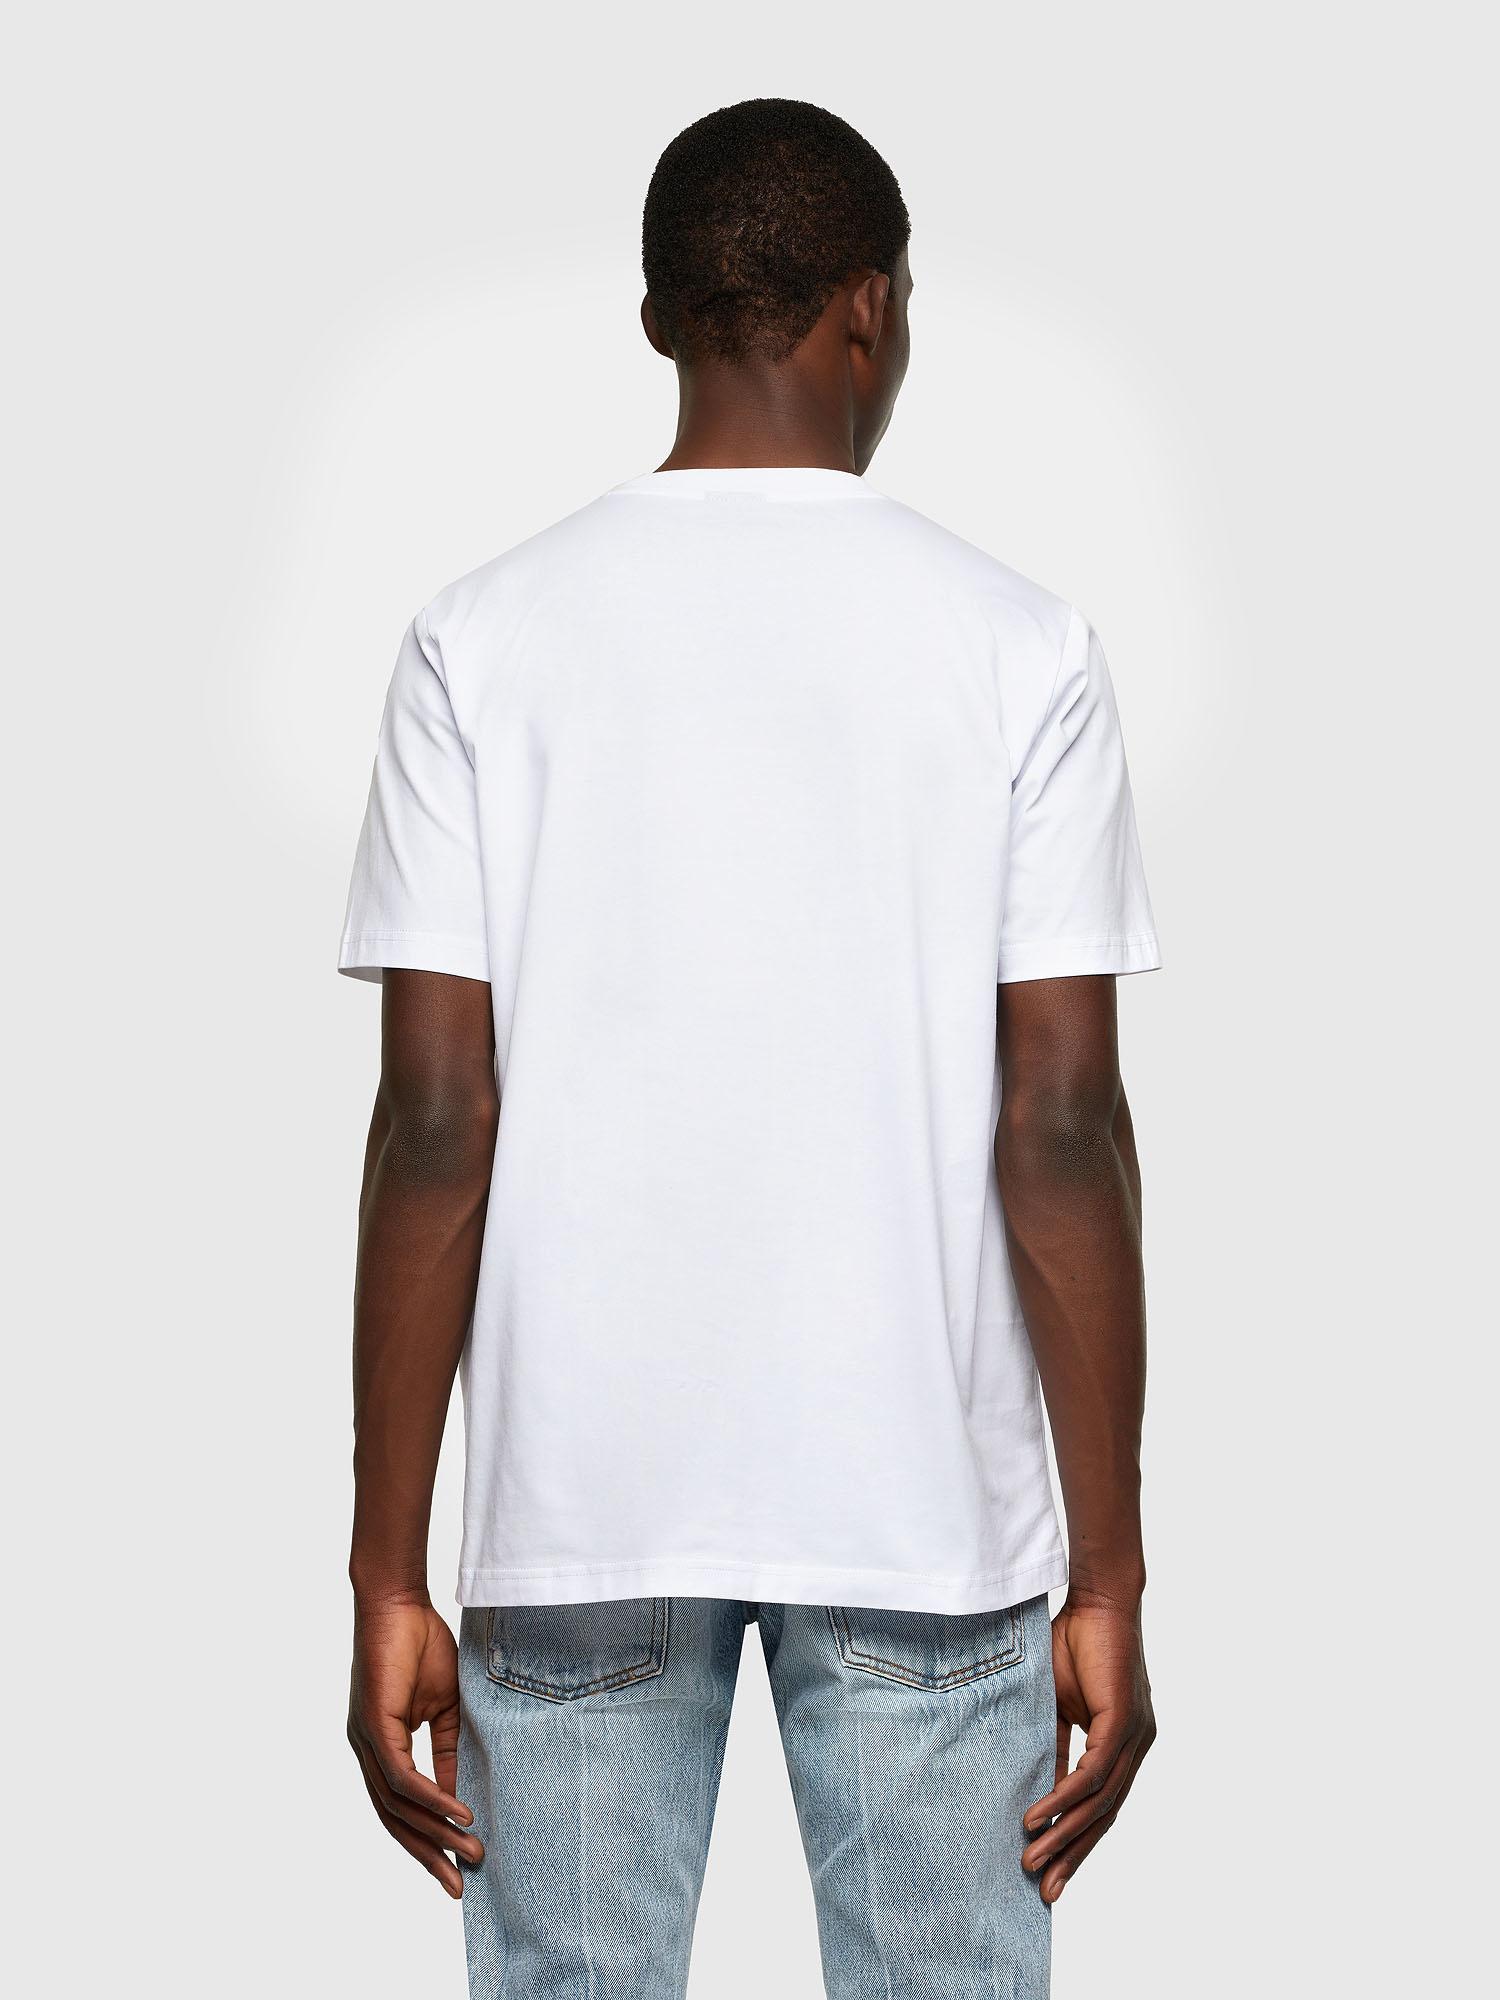 Diesel T-shirt Diesel A02369-0HAYU-100